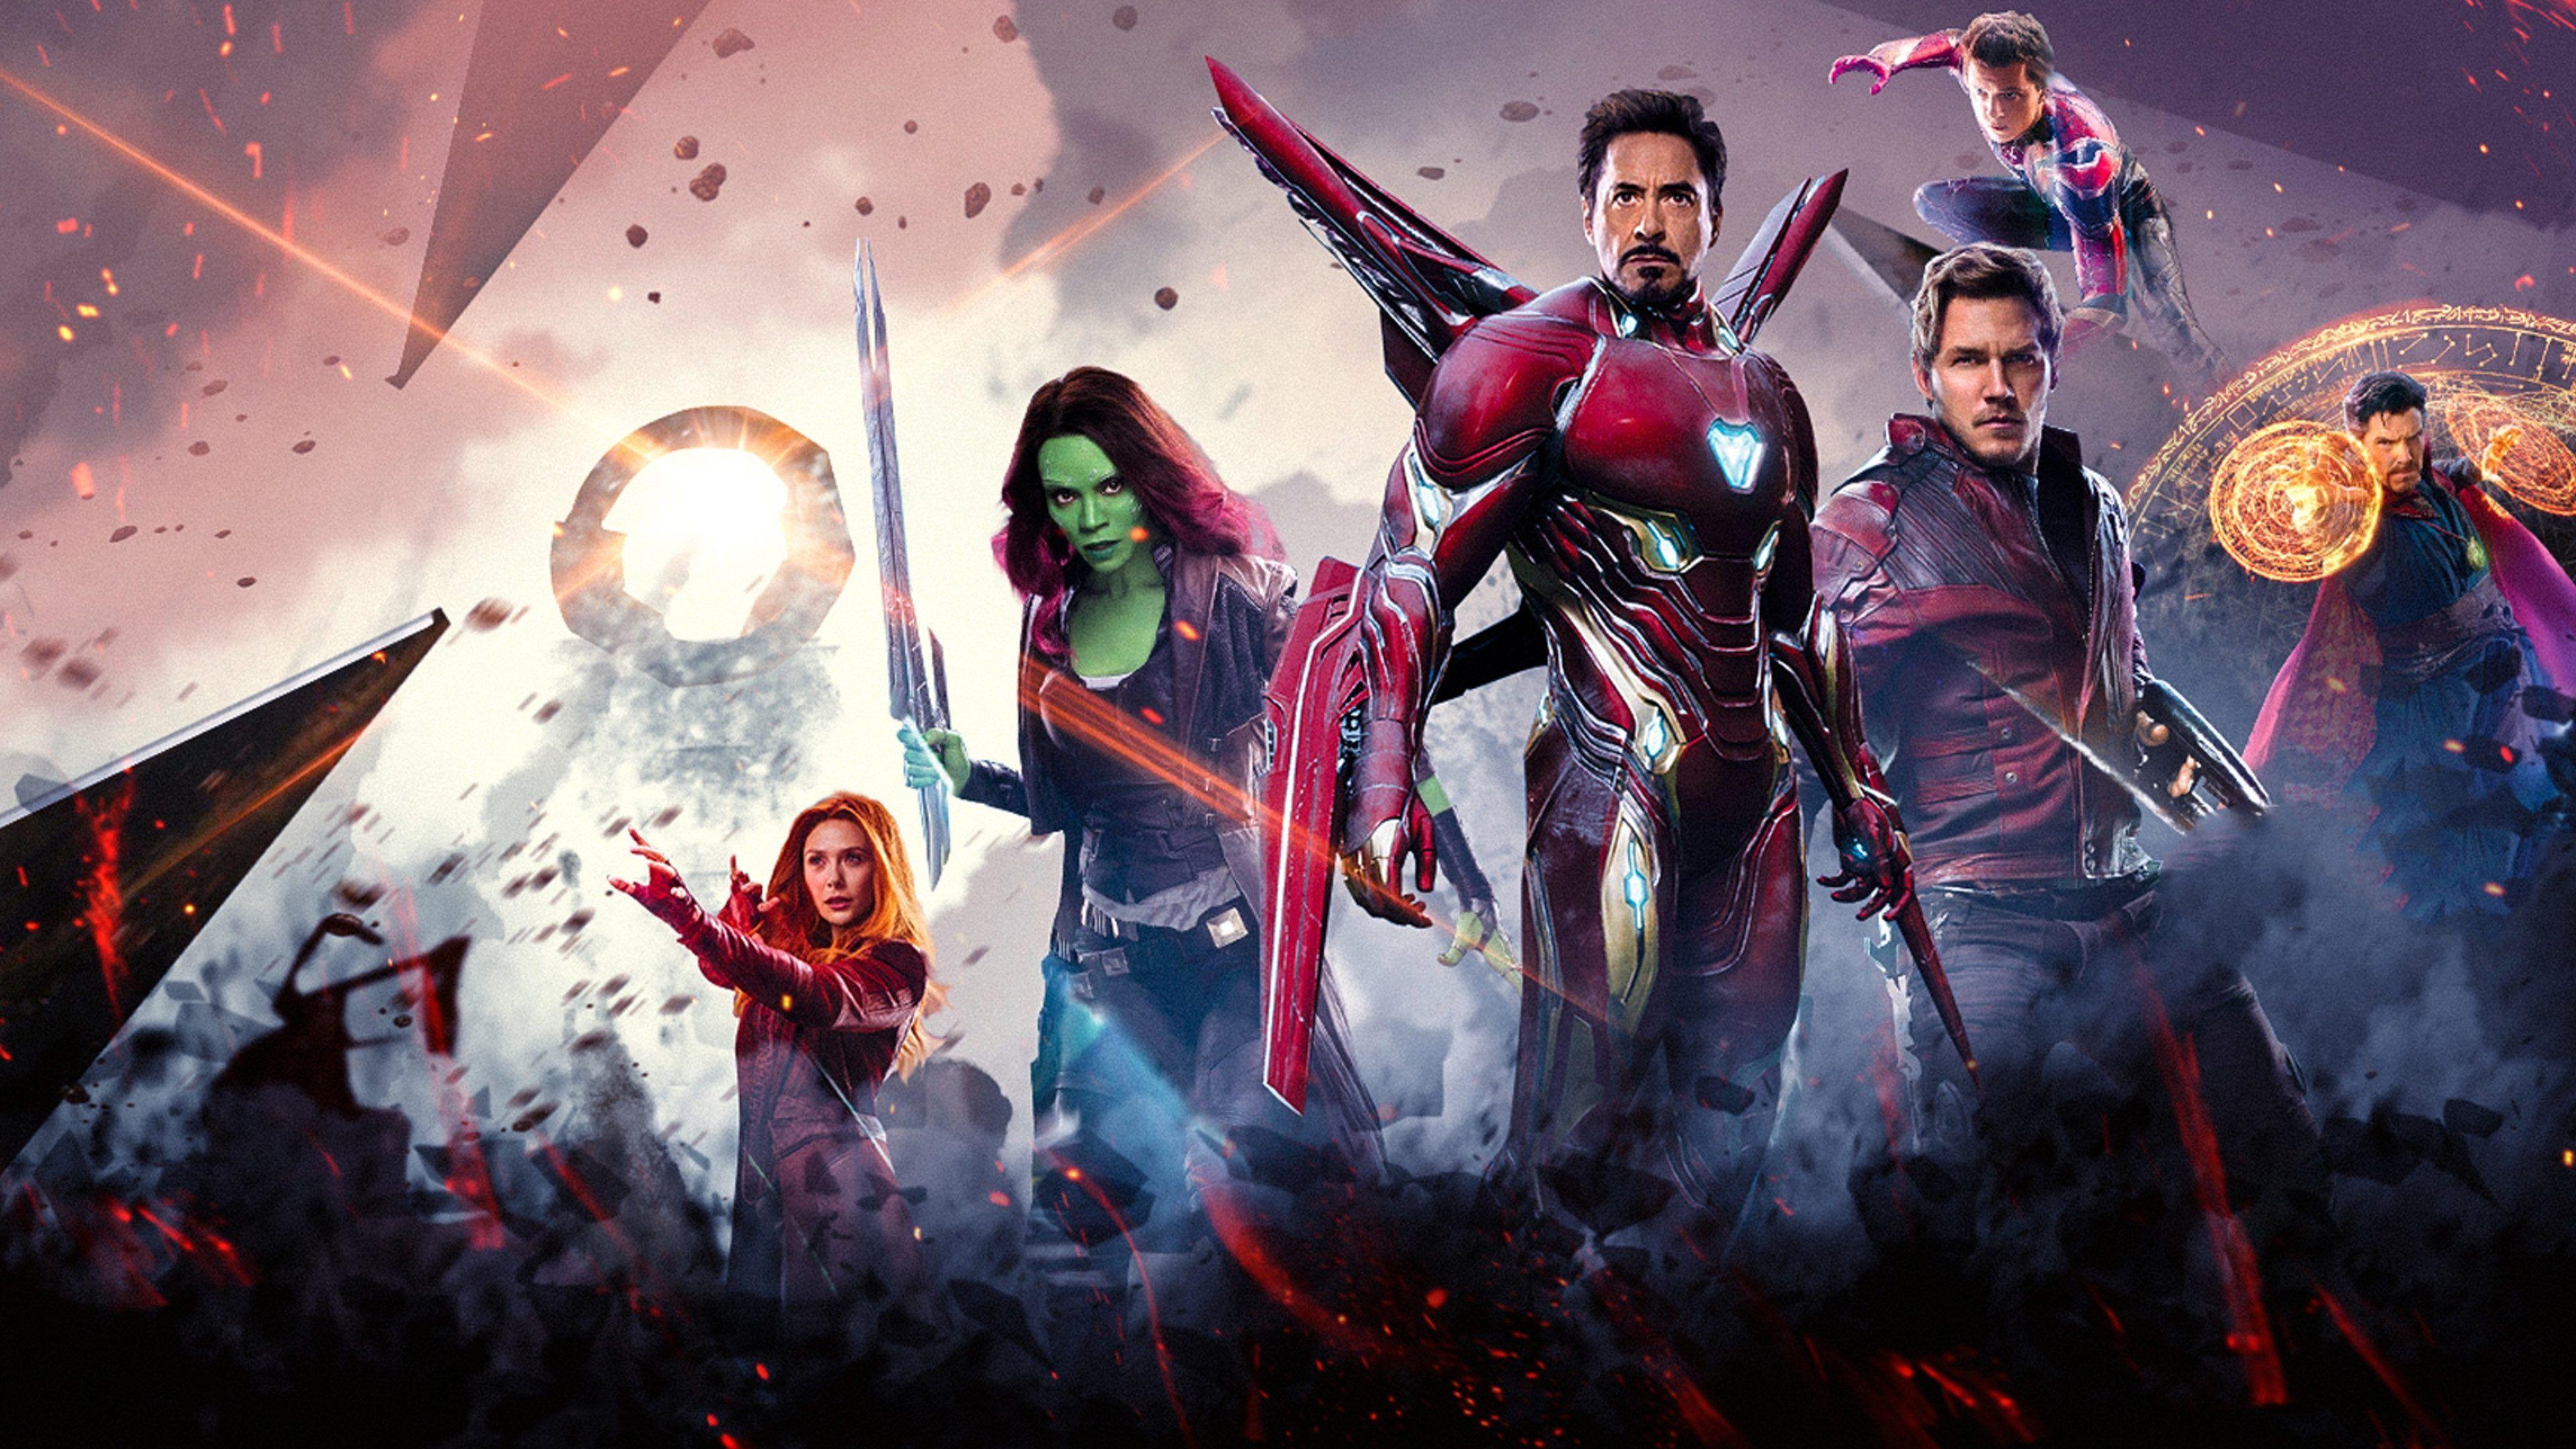 Marvel Avengers 4k Wallpapers Top Free Marvel Avengers 4k Backgrounds Wallpaperaccess